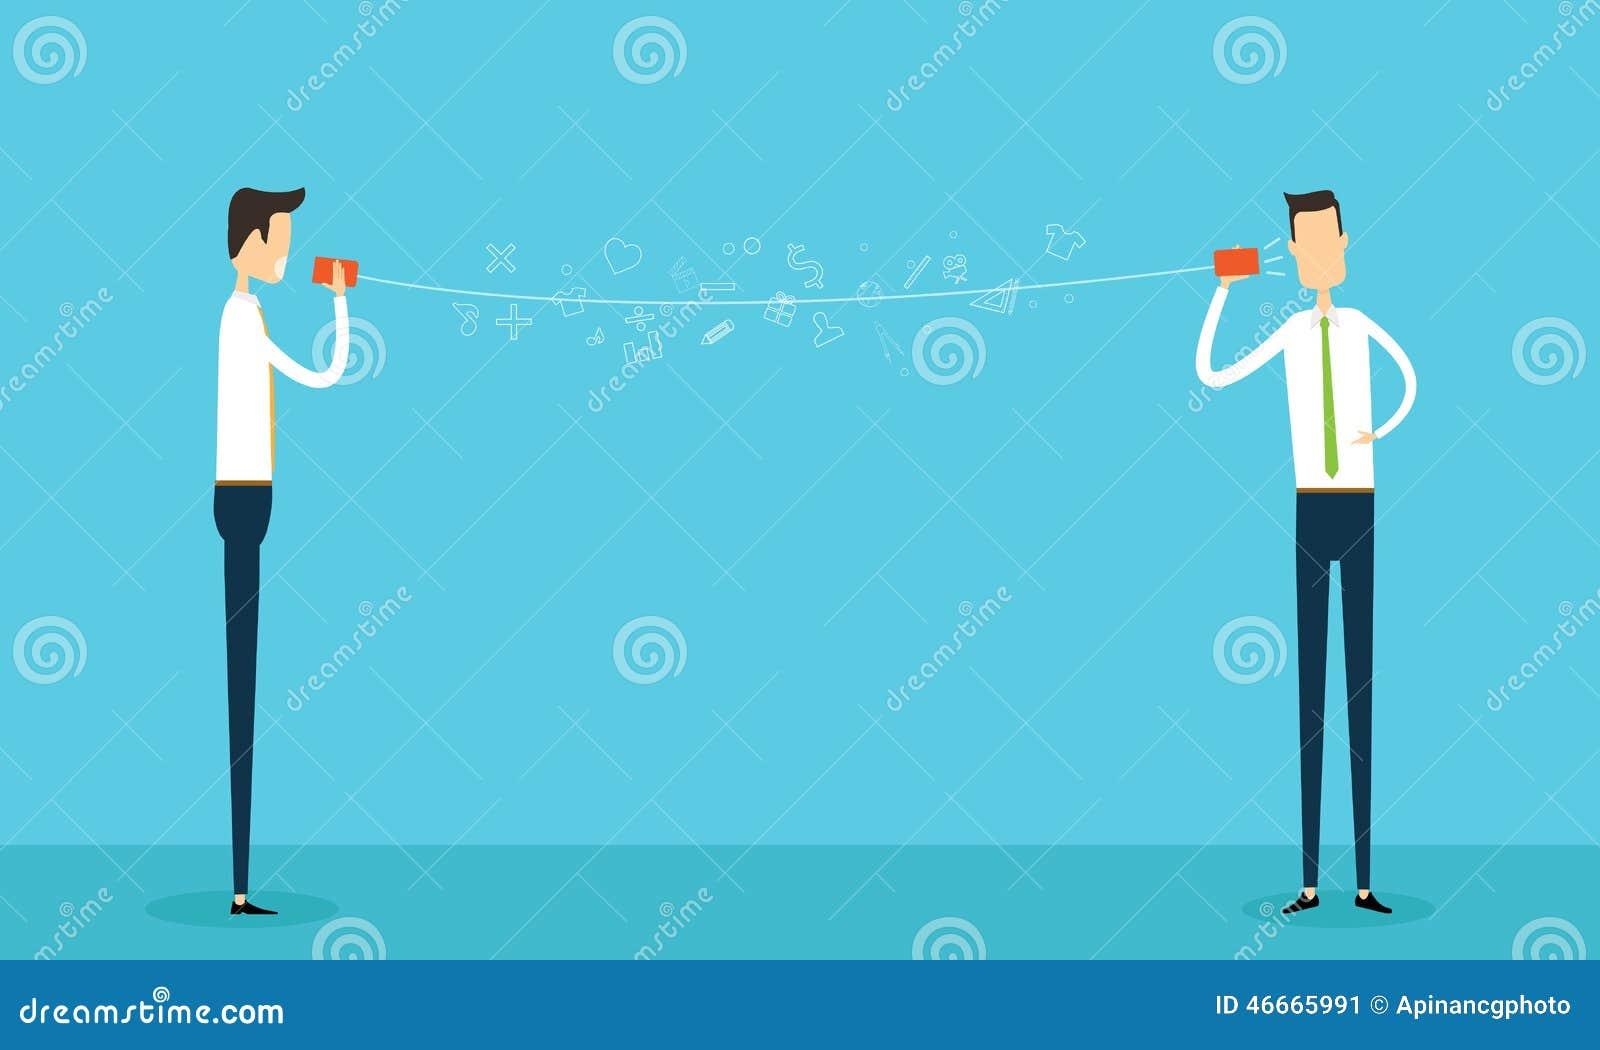 Διανυσματική επιχείρηση σύνδεσης communicatiion επιχειρηματιών σε απευθείας σύνδεση